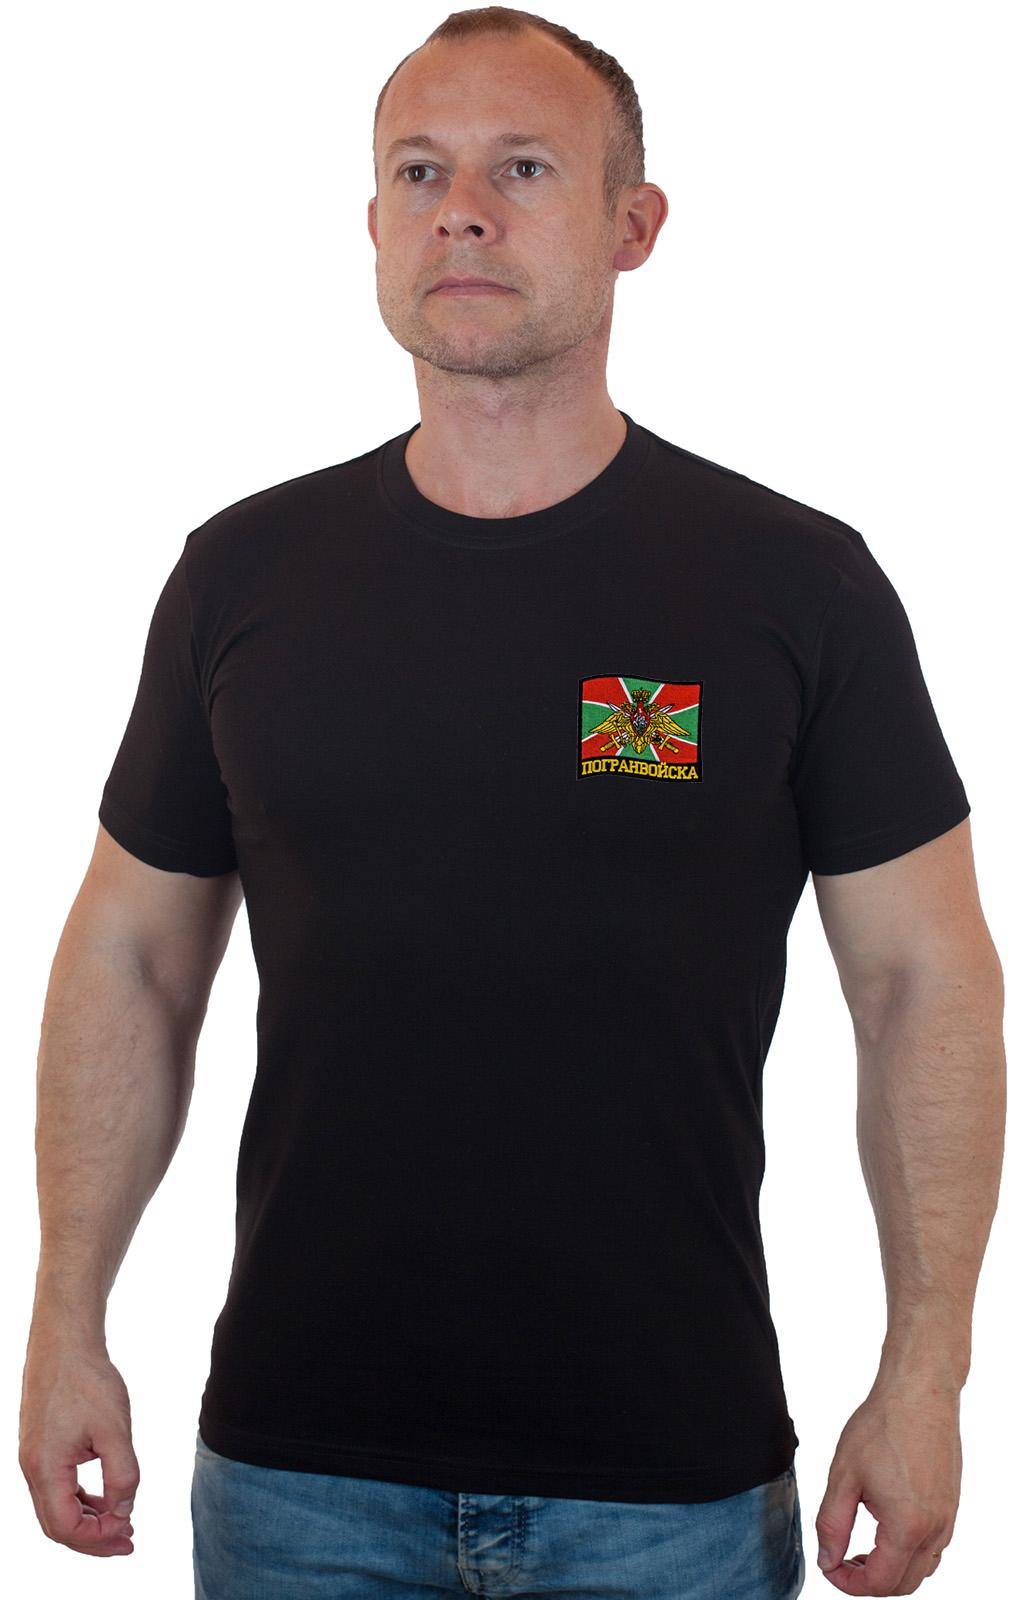 Купить с доставкой по России футболку с эмблемой Погранвойск